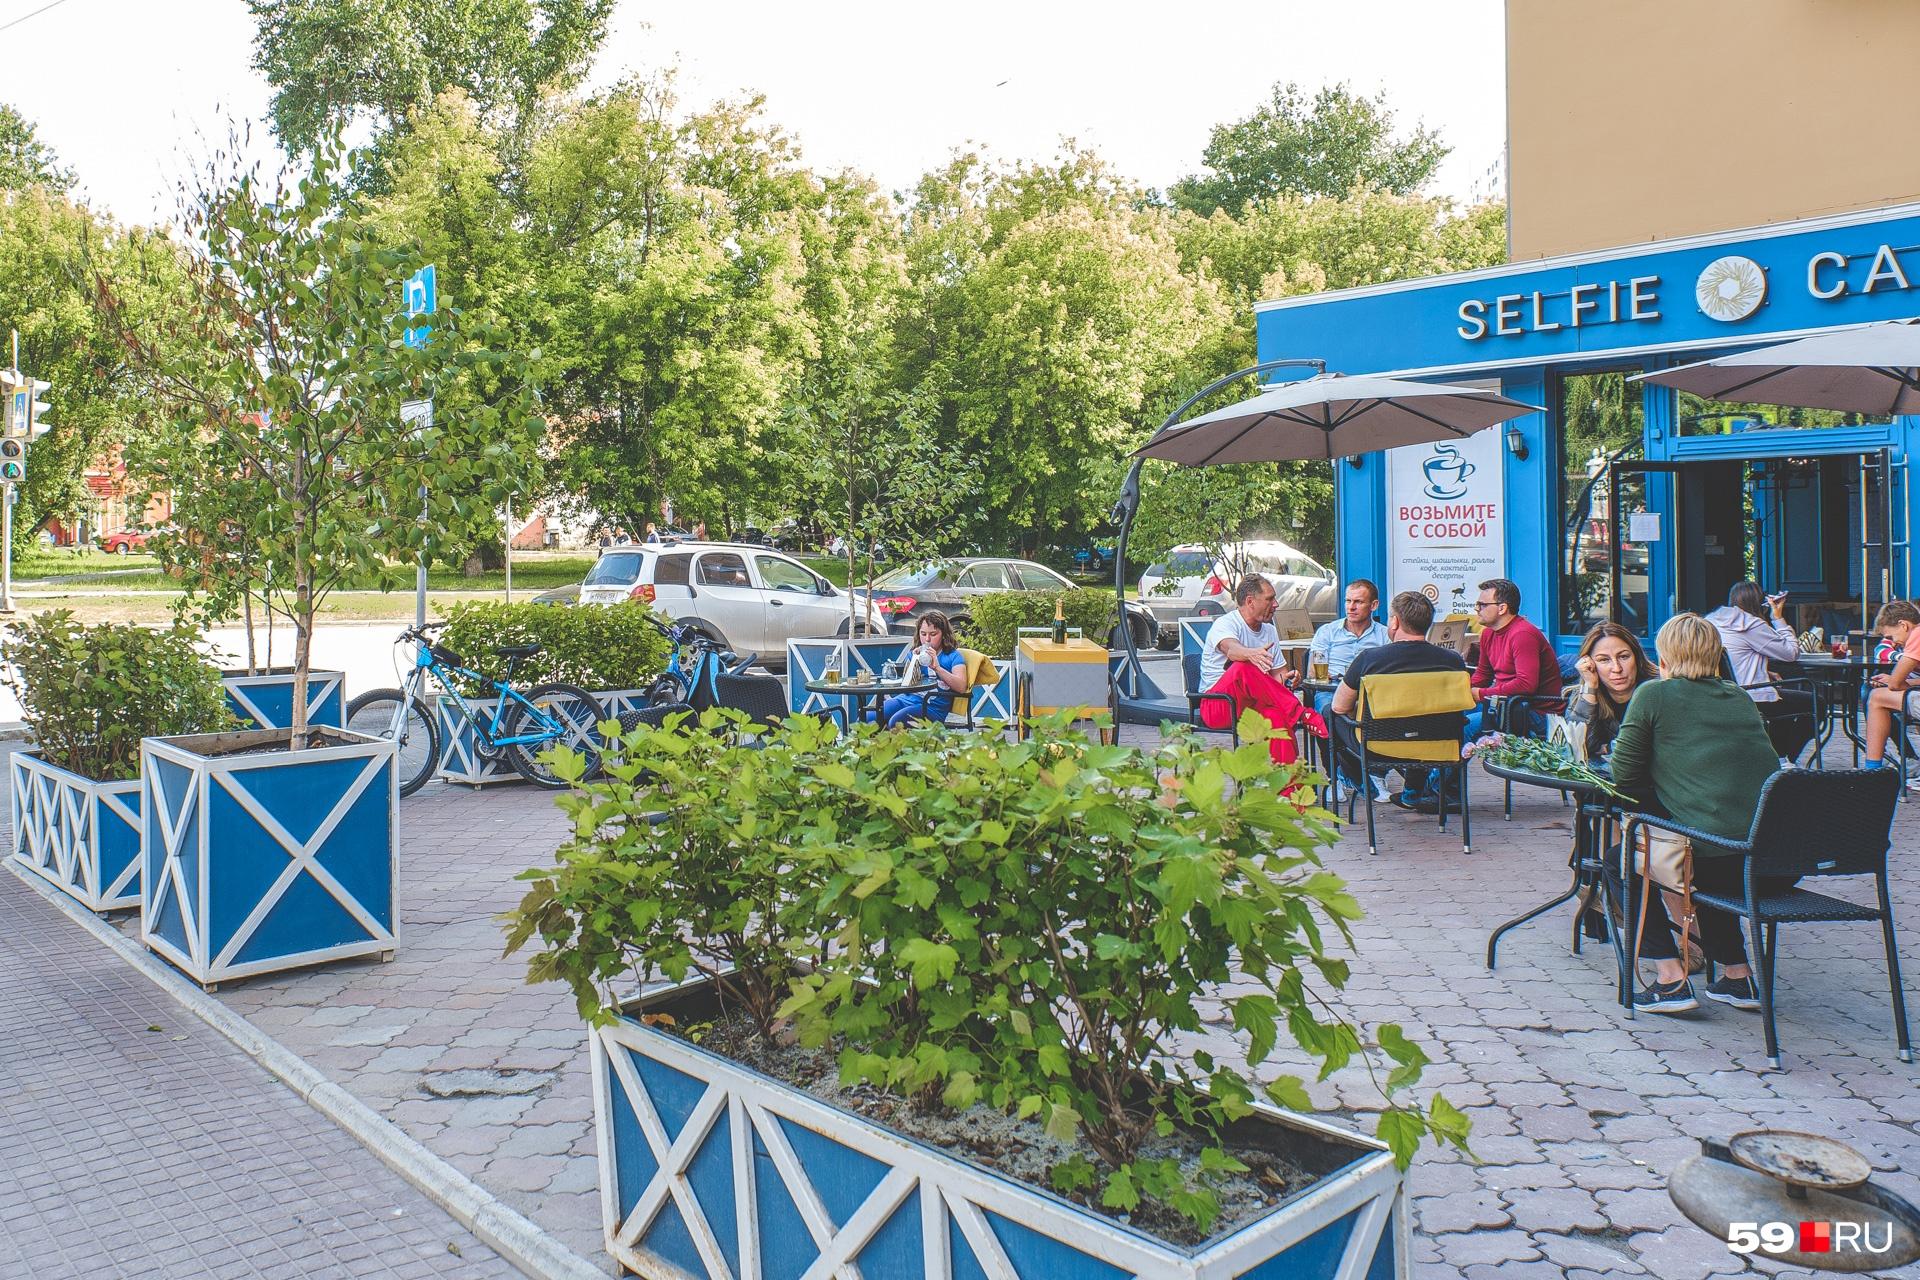 Летник Selfi Cafe на перекрестке Компроса и Краснова вмещает пять столиков